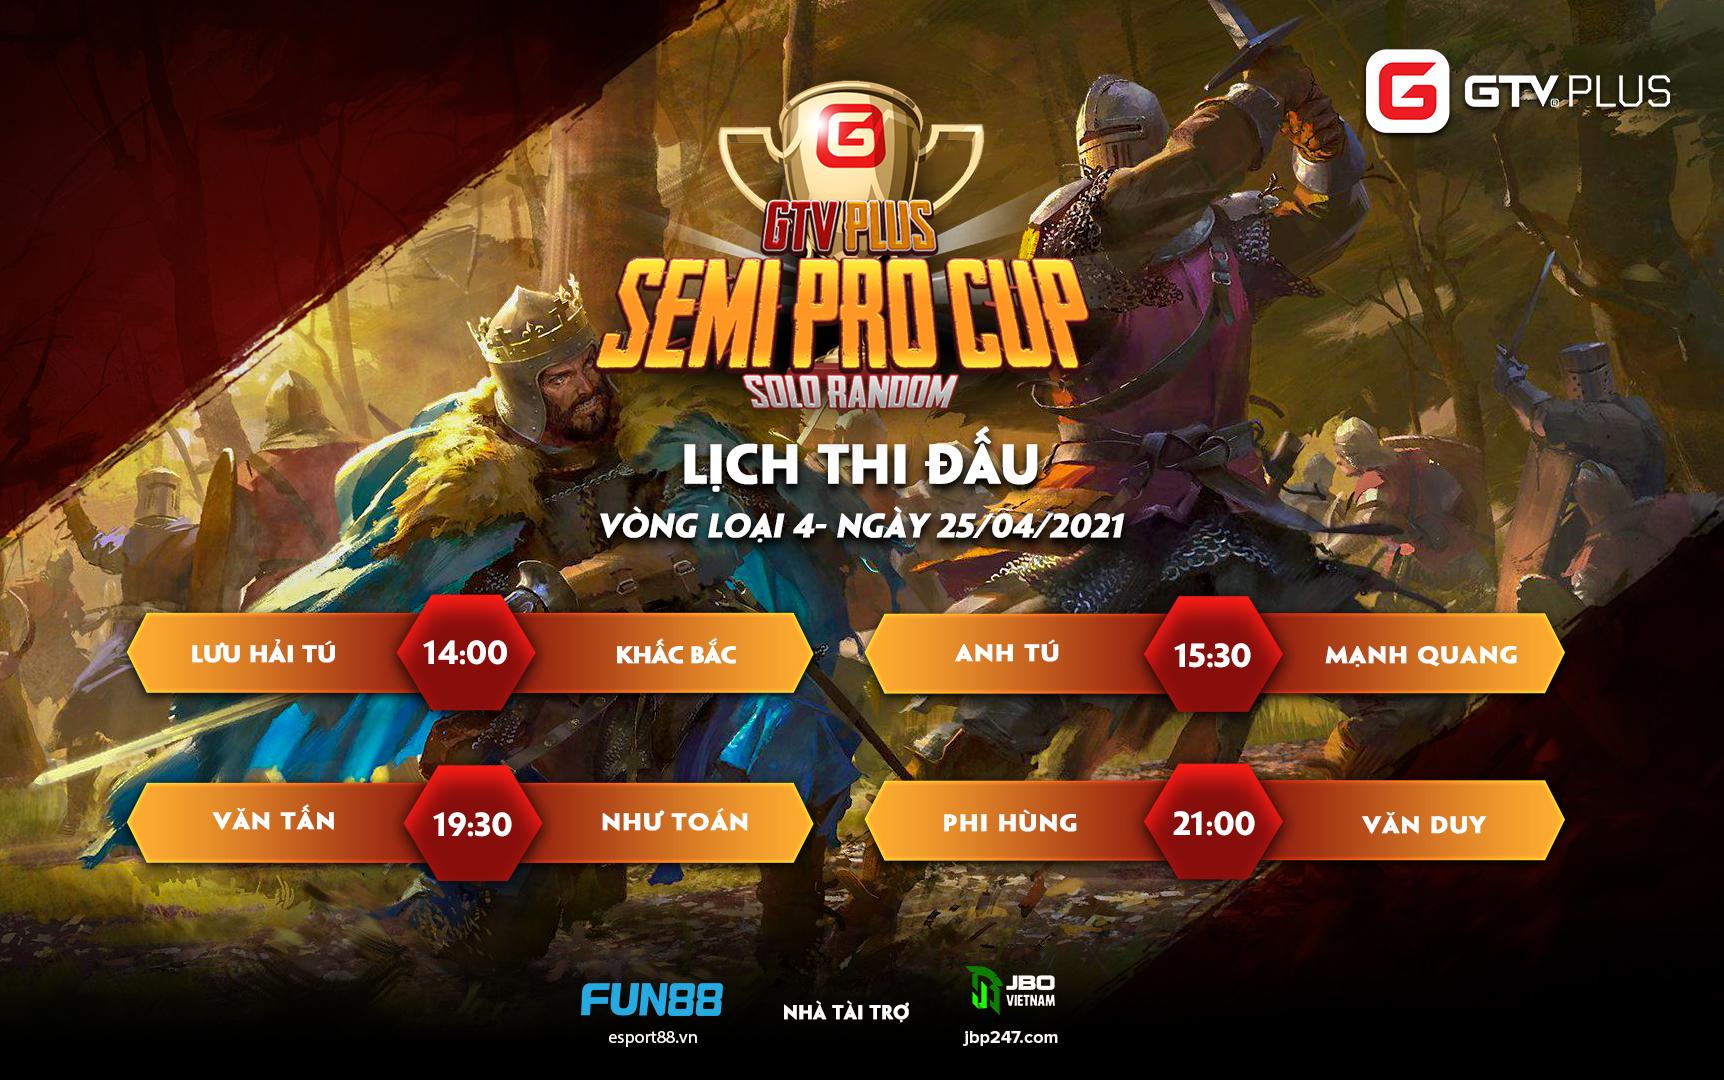 Lịch thi đấu ngày thi đấu ngày 25 tháng 4 Giải đấu GTV Semi Pro Cup 2021